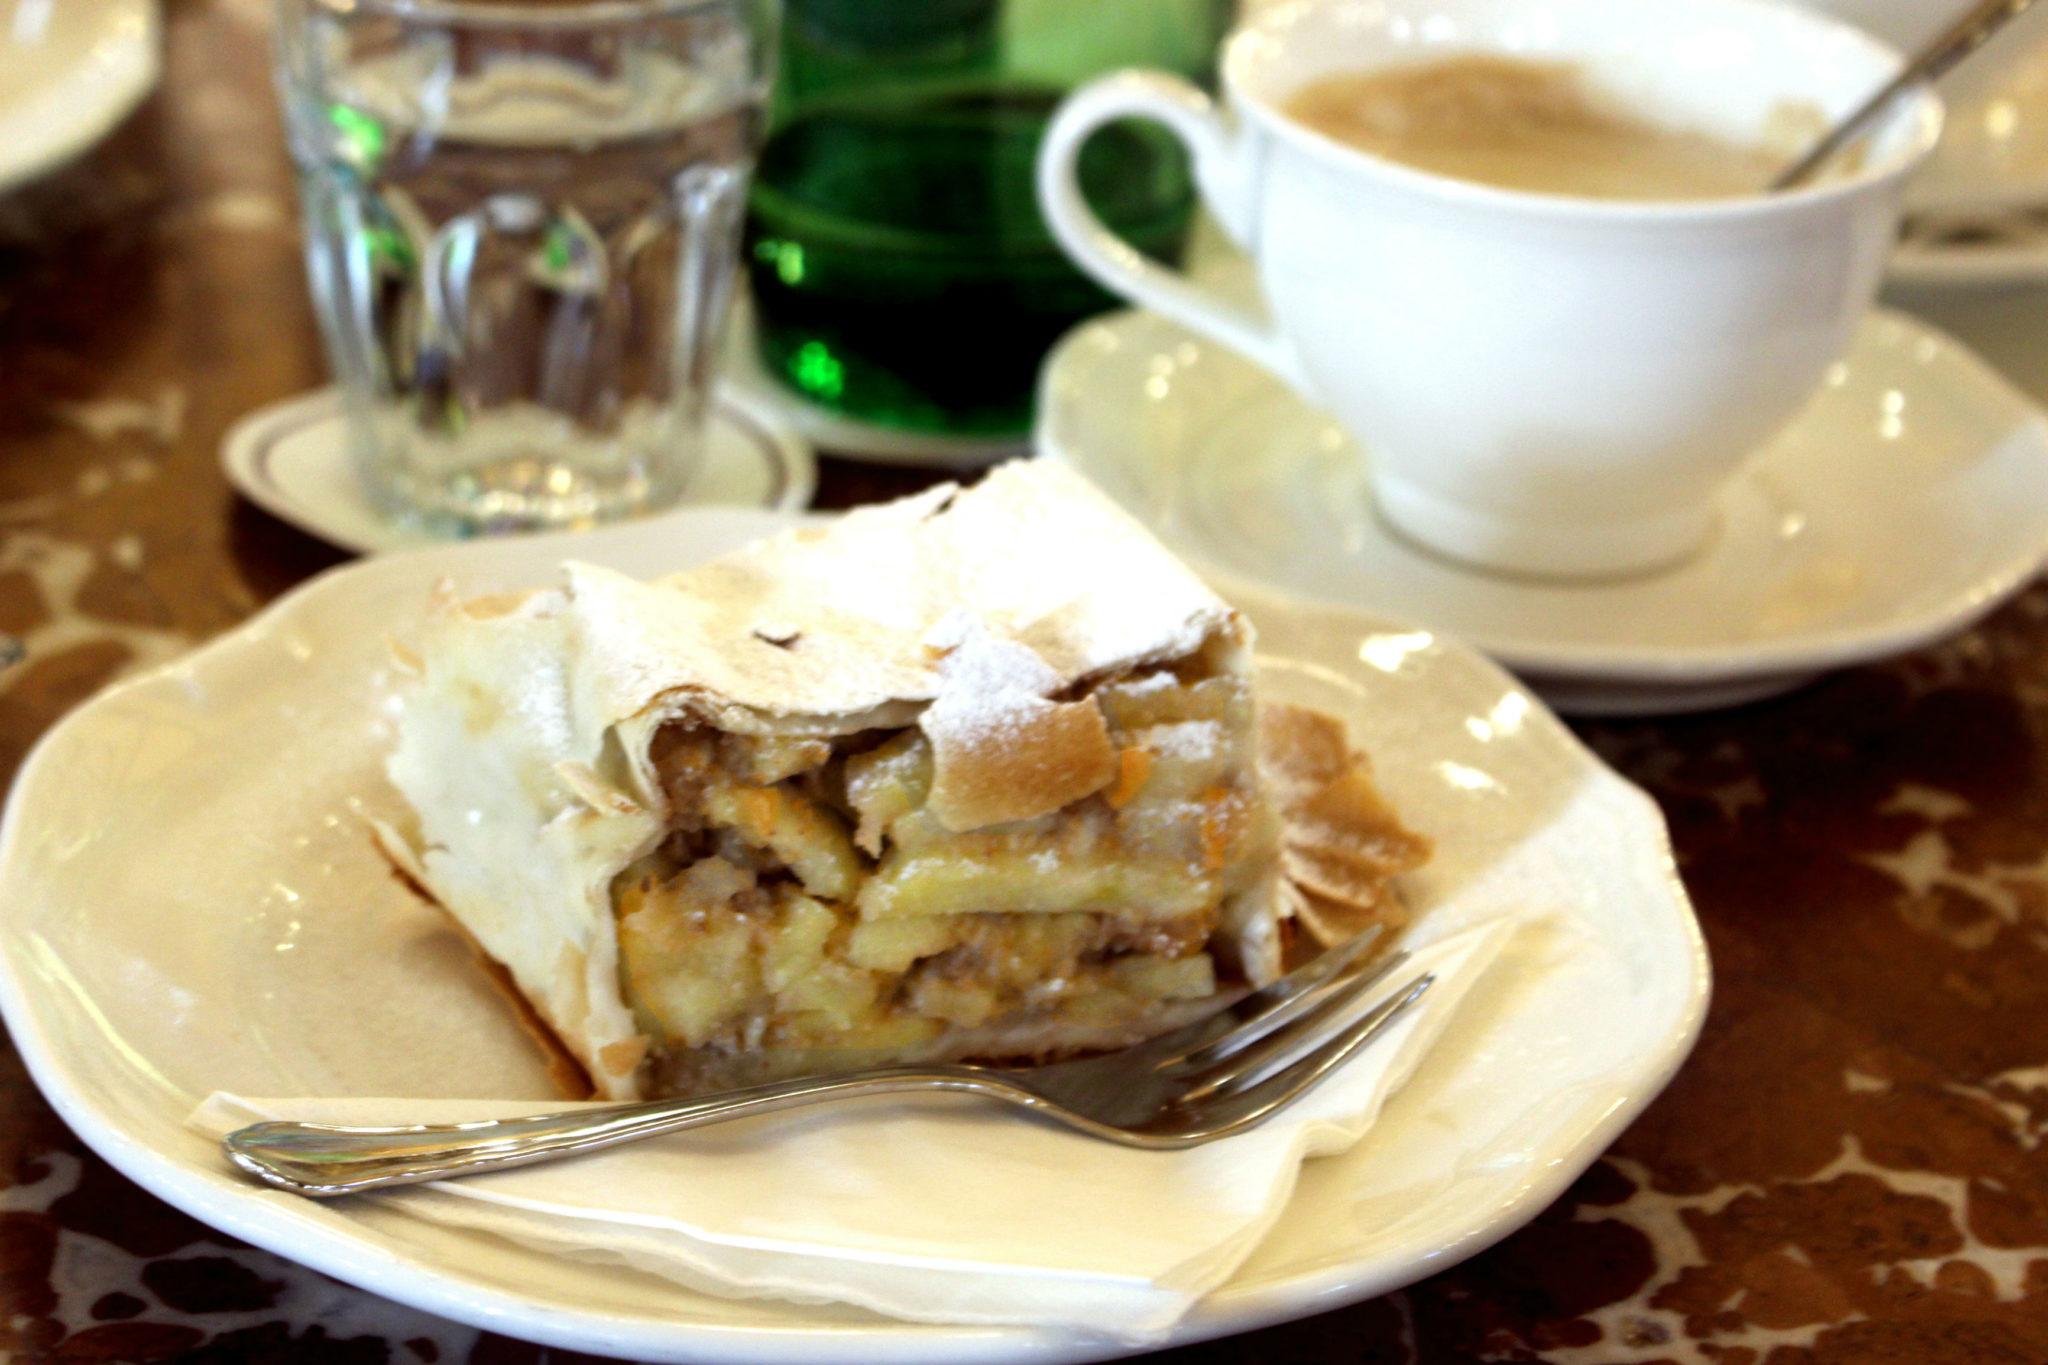 Według wiedeńczyków, do Cafe Central przychodzi się na Apfelstrudel.